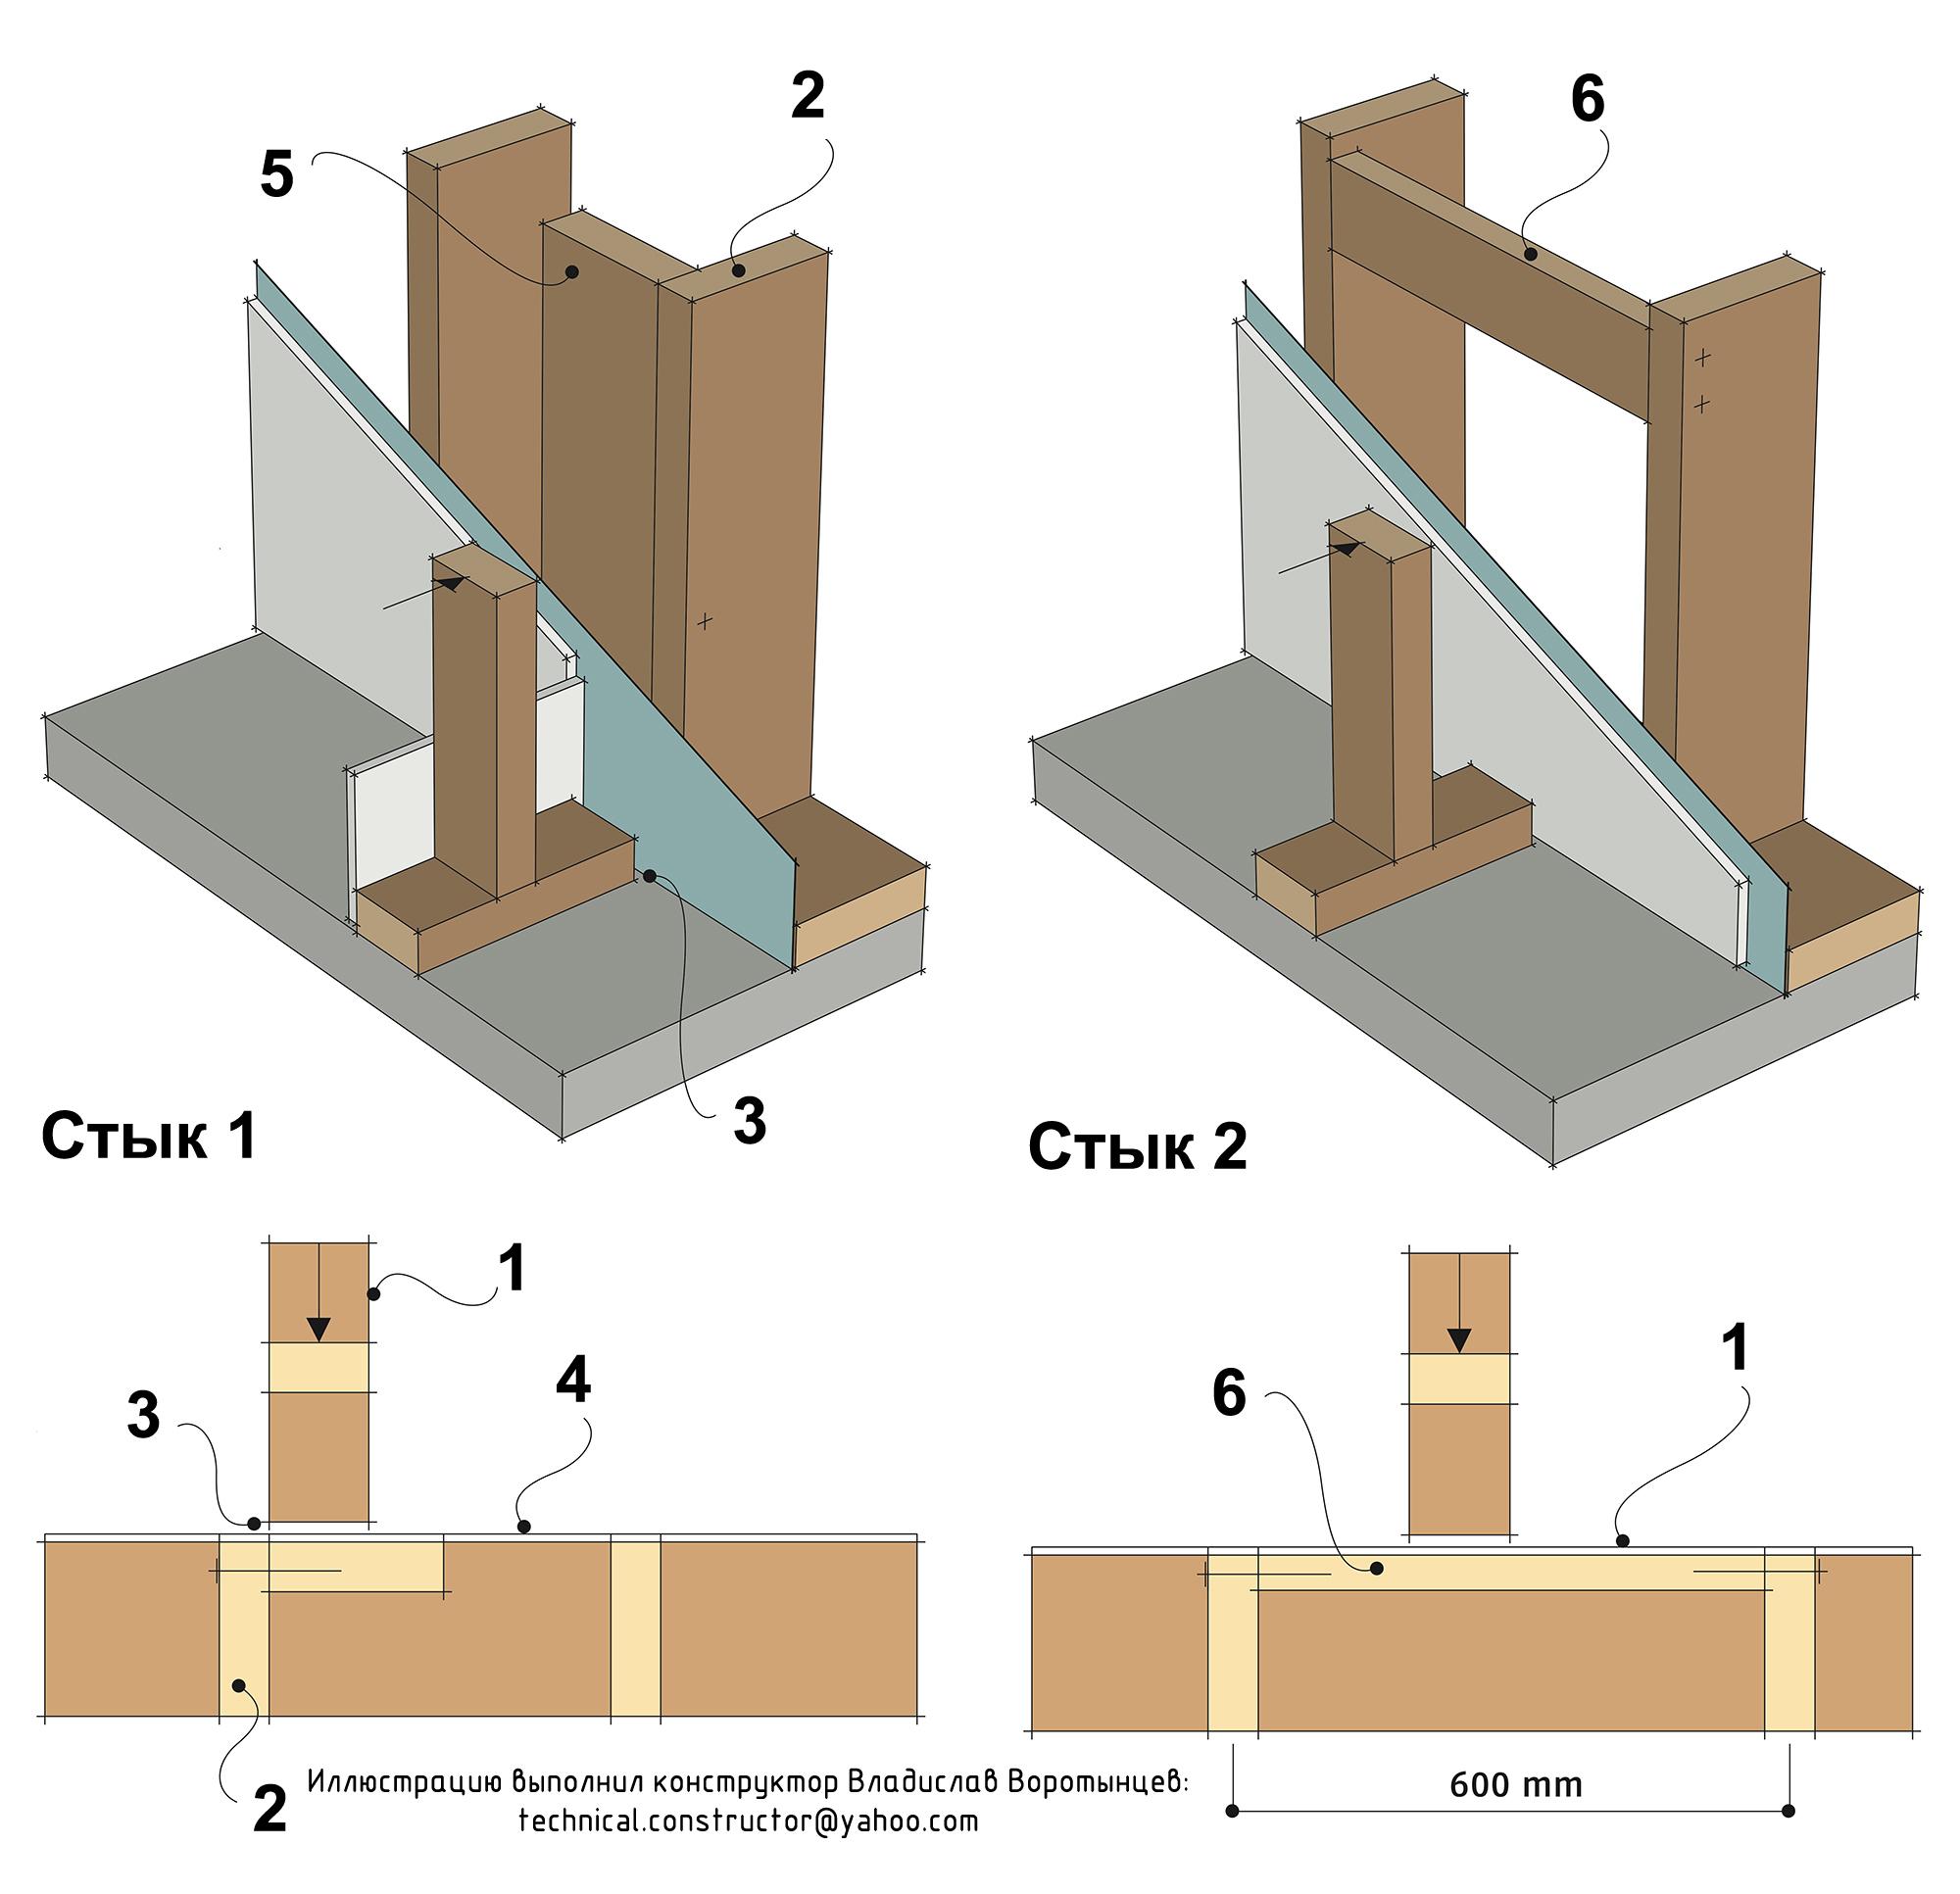 Рис. 9.16 Т-образные стыки наружной и внутренней деревянной каркасной стены.